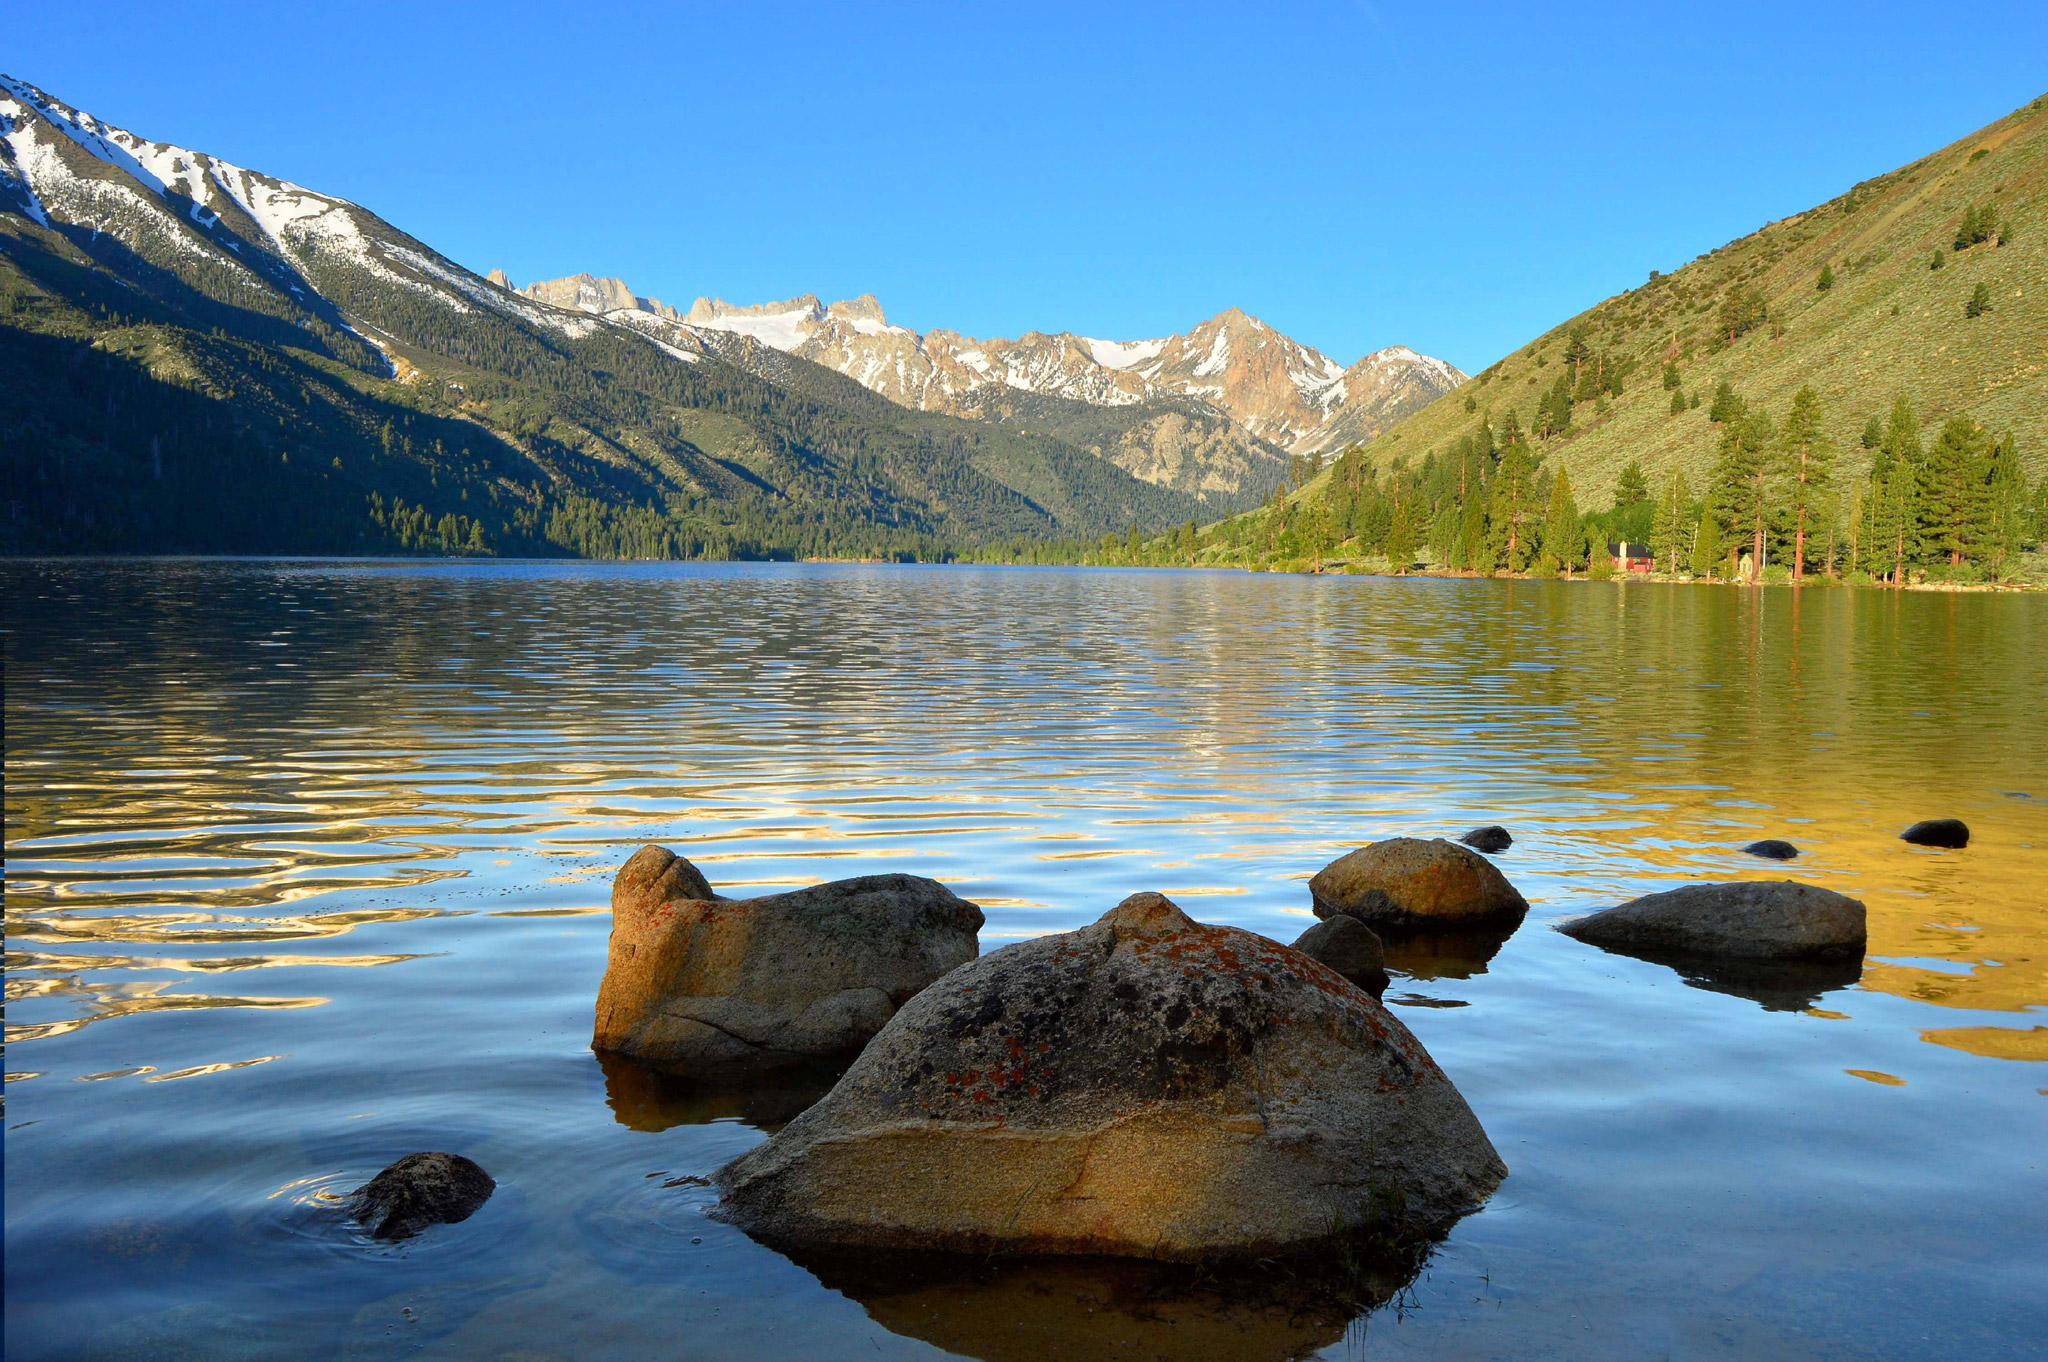 Morning on Lower Twin Lake